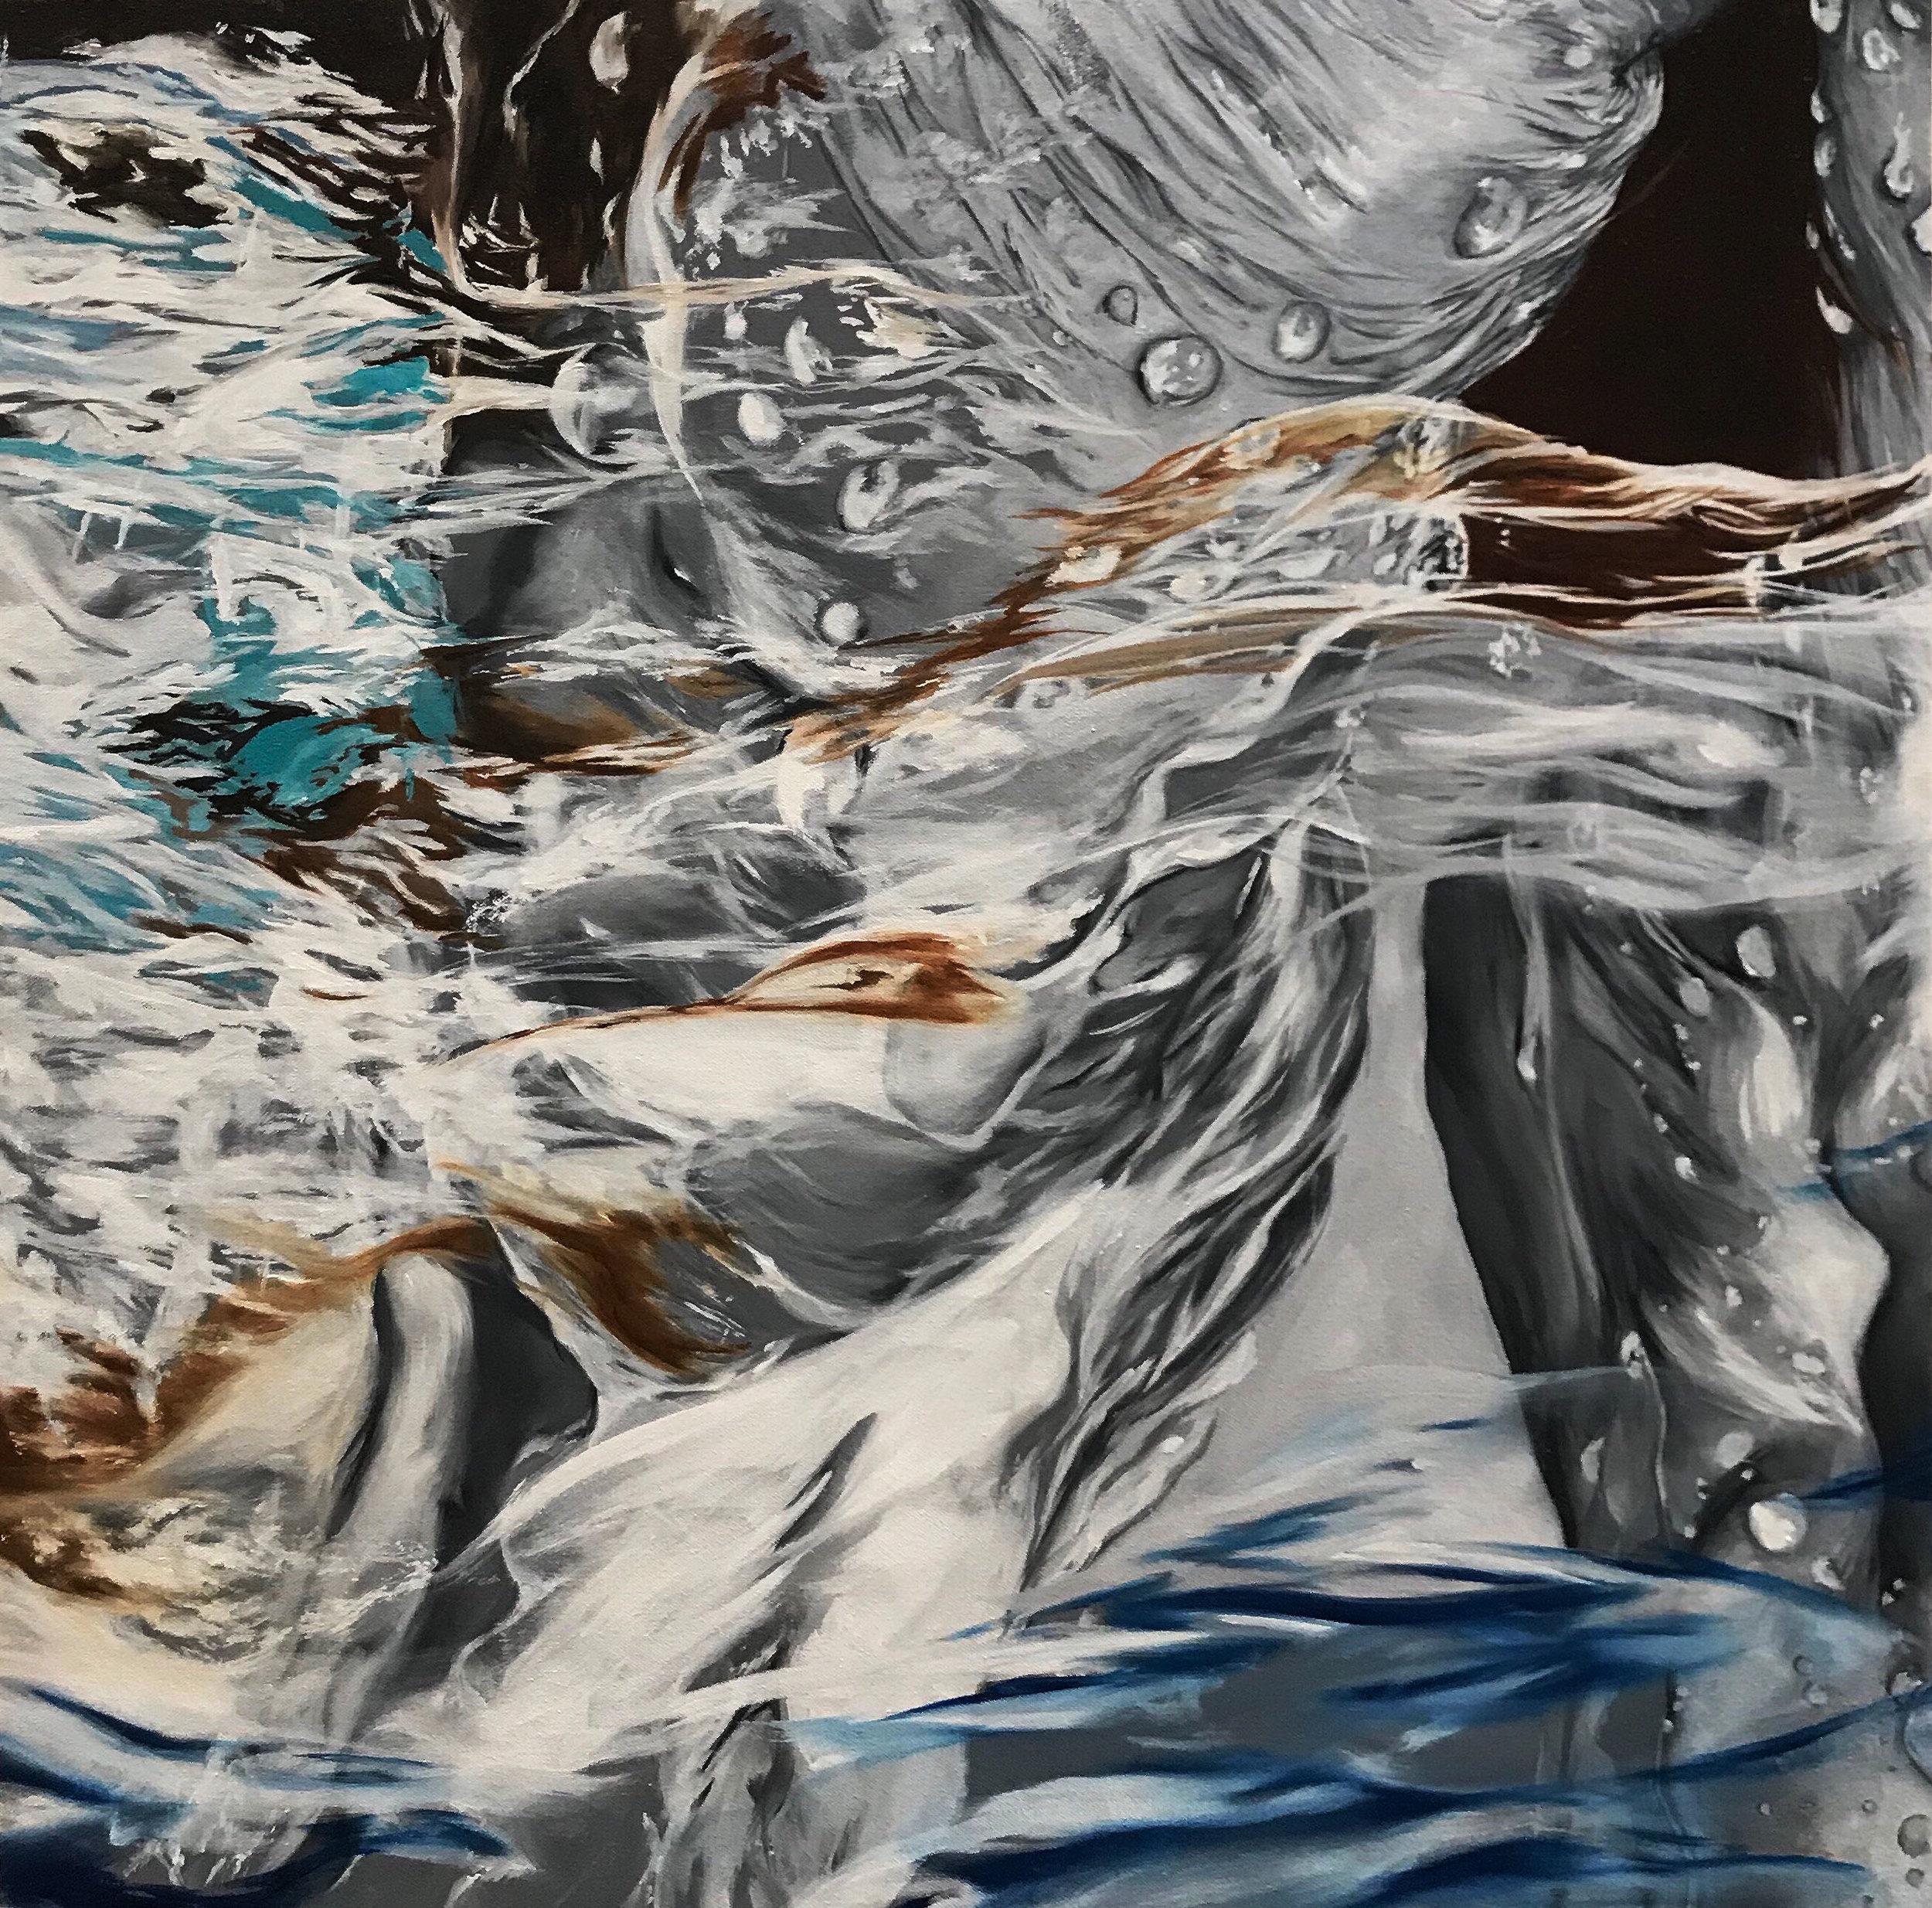 Vilagi_Untitled_Oil on Canvas_24x24_500.jpg